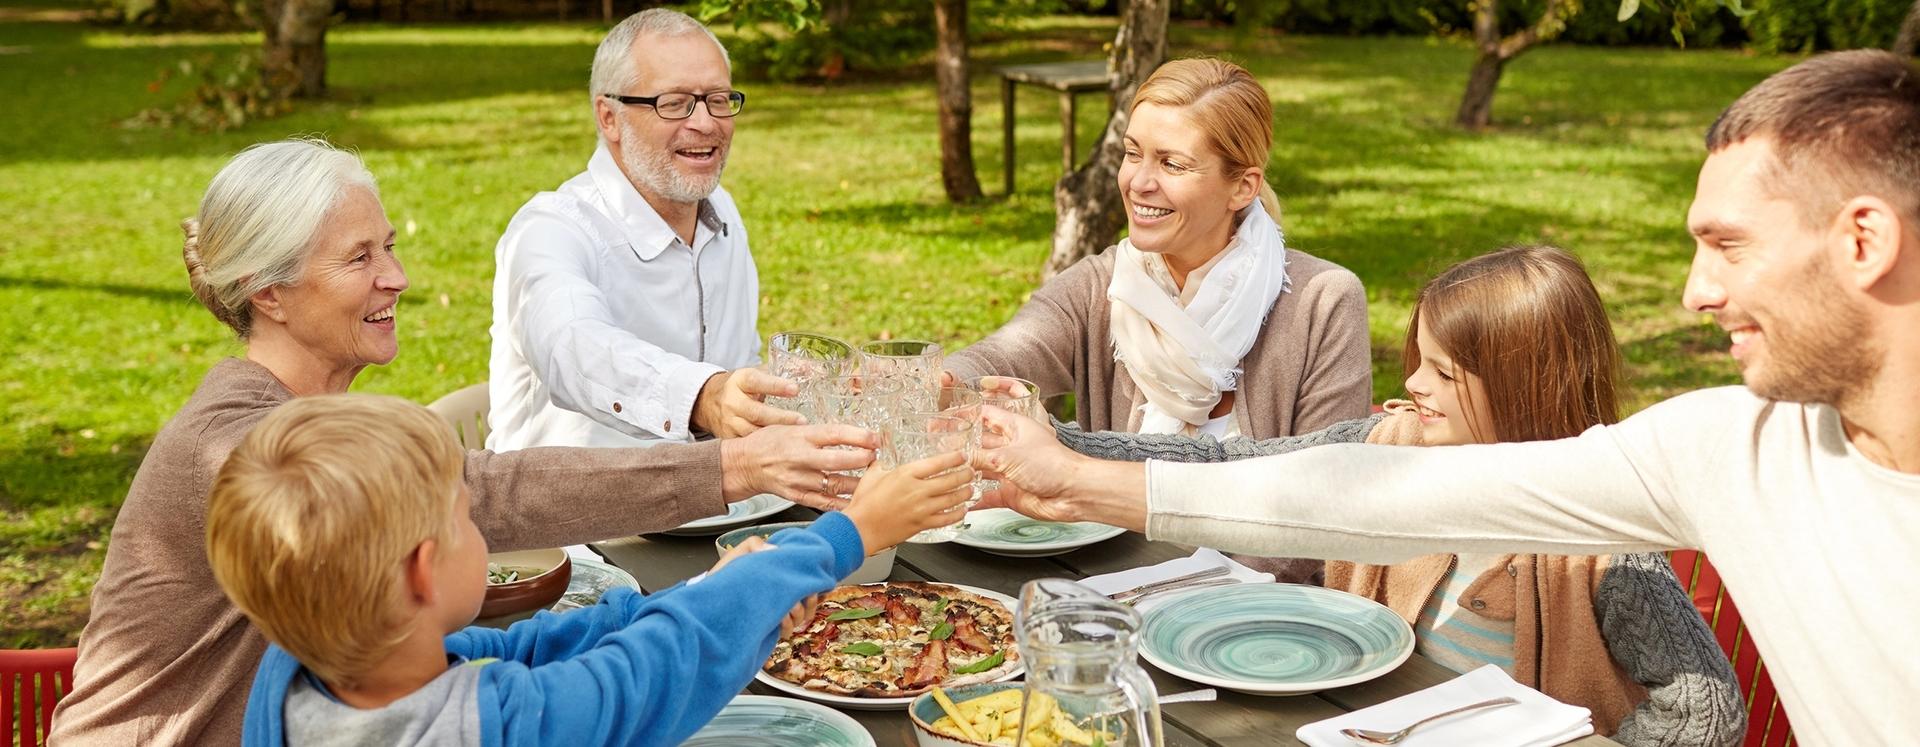 Großfamilie beim Essen im Bauerngarten